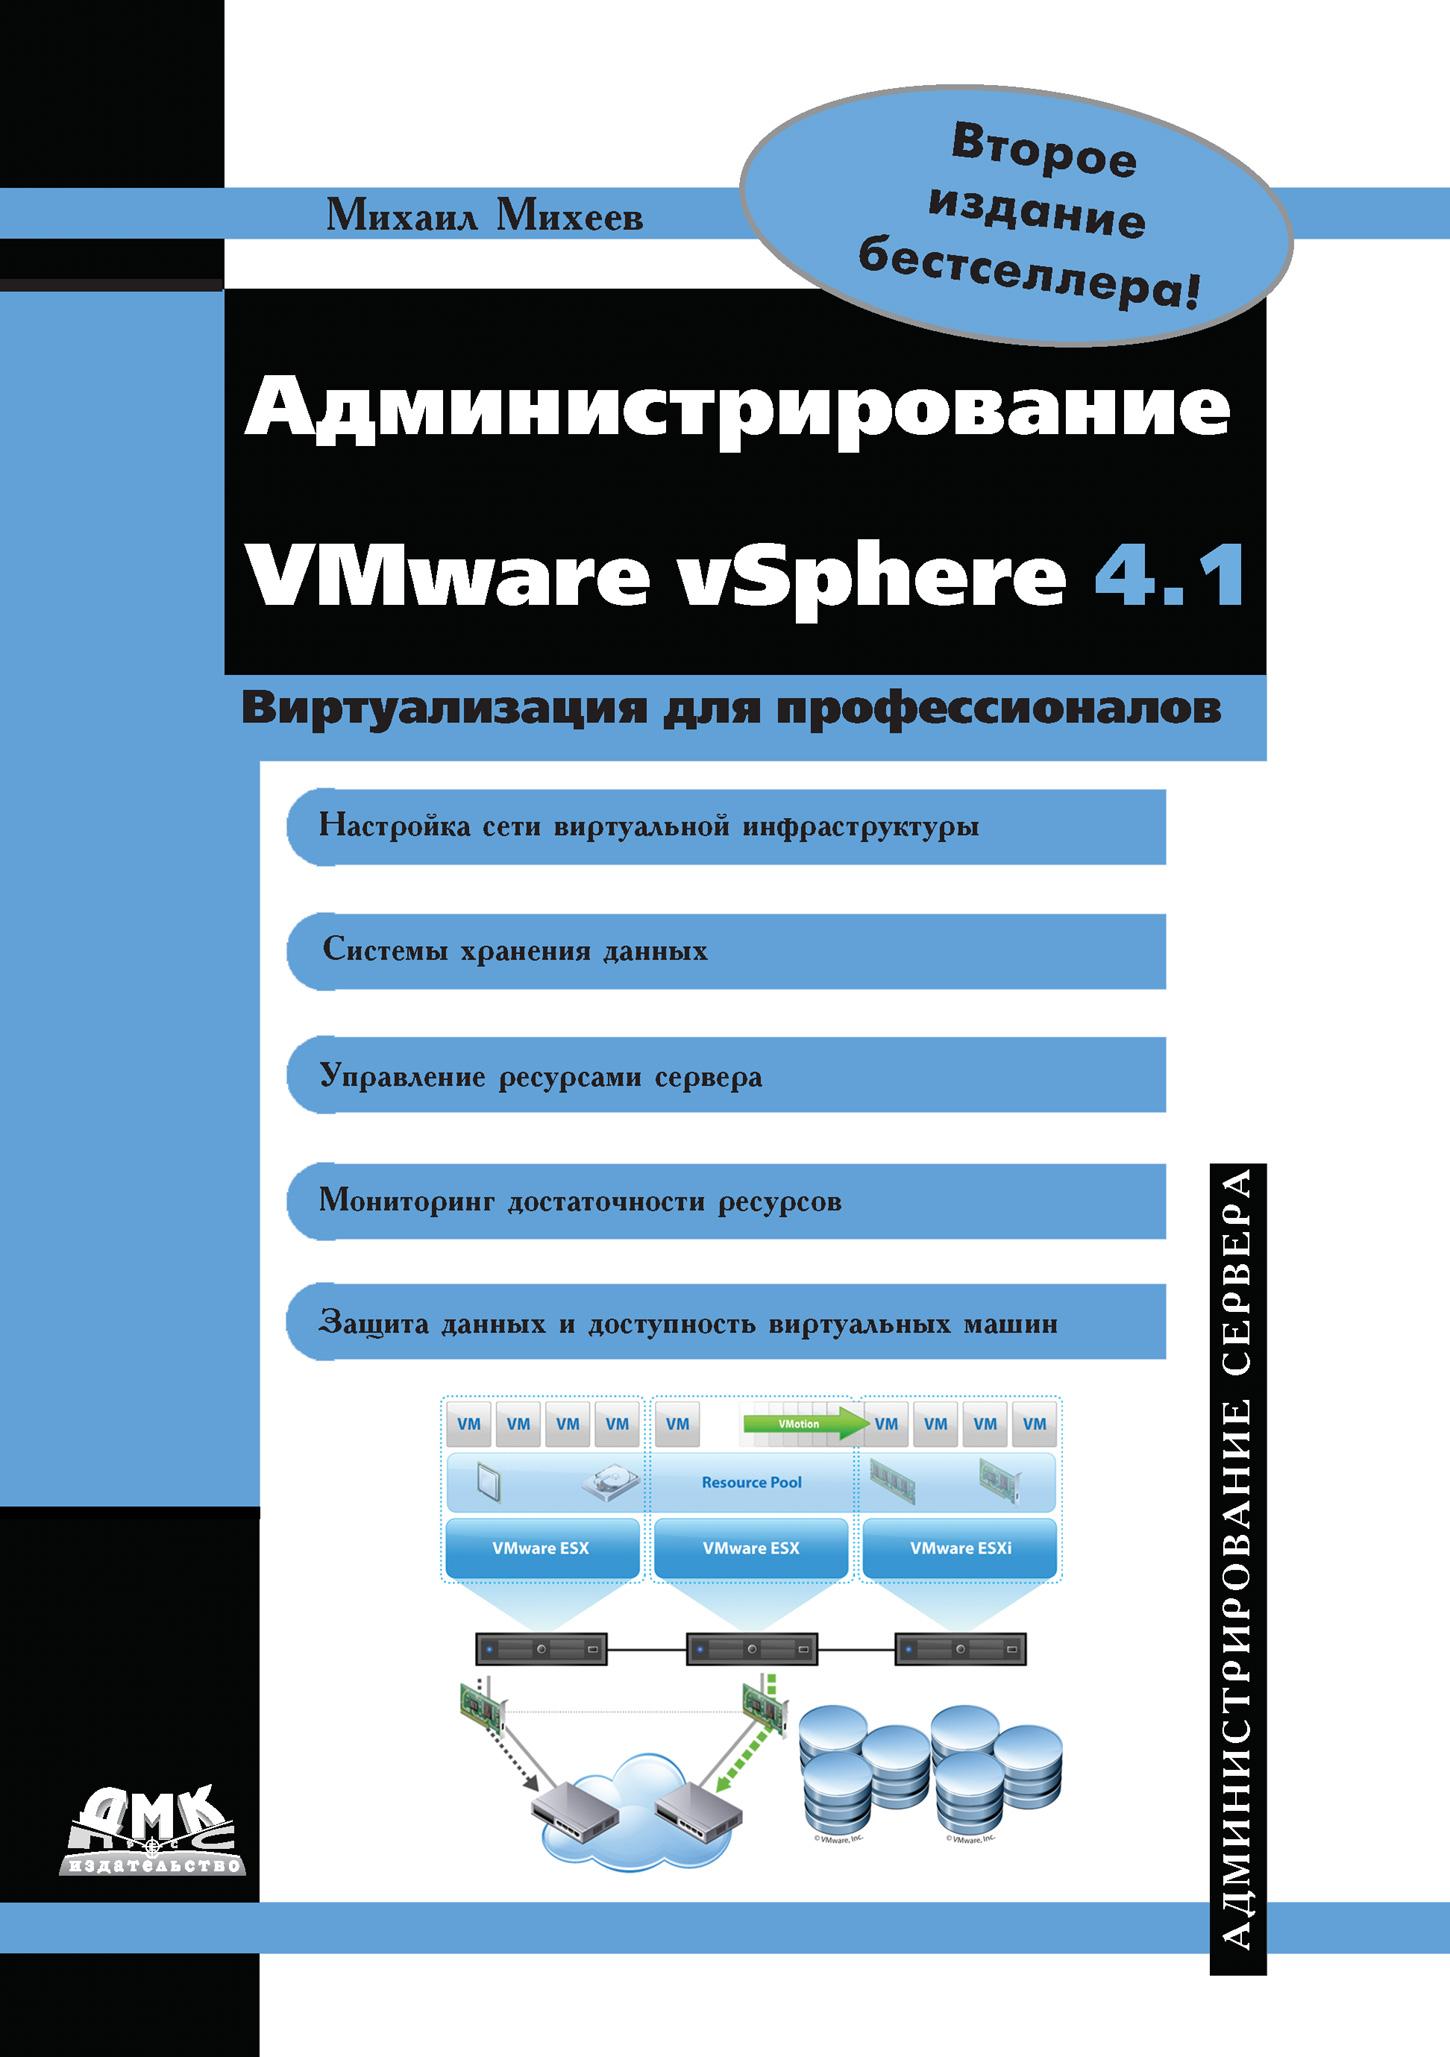 Михаил Михеев «Администрирование VMware vSphere 4.1»